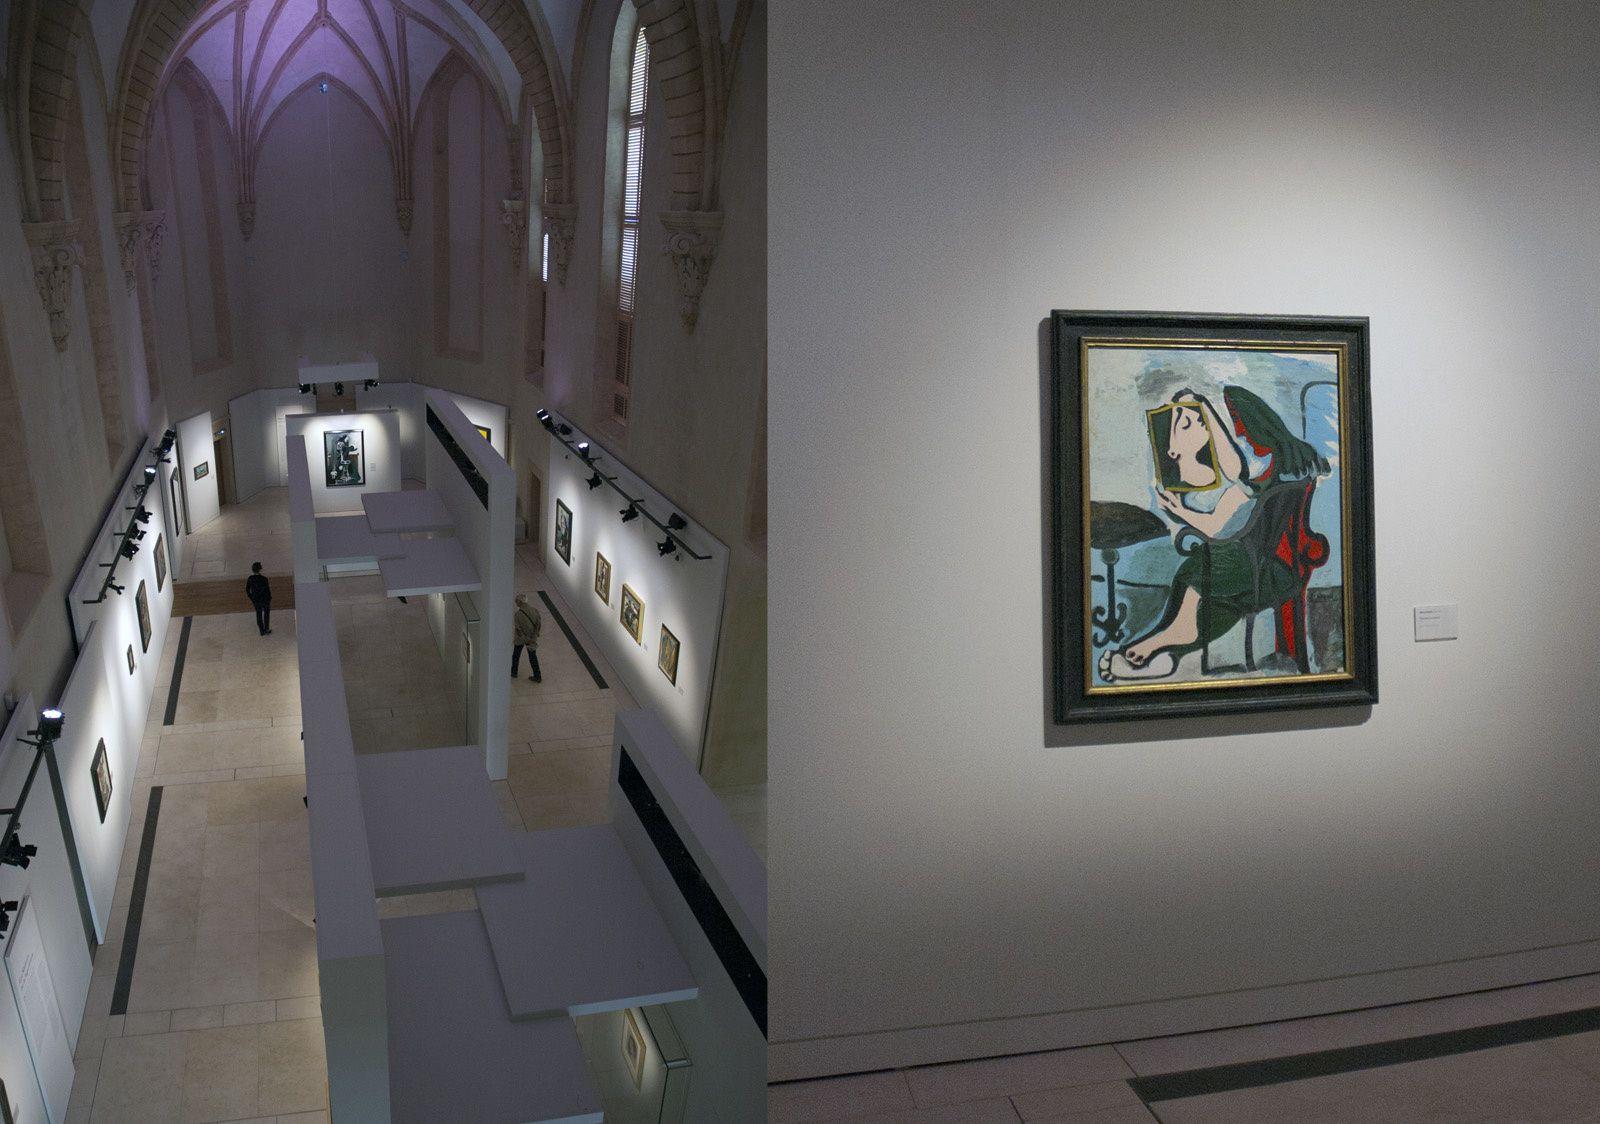 sortie à Aix en provence: Fondation Vasarely, musée Granet, collection Planque